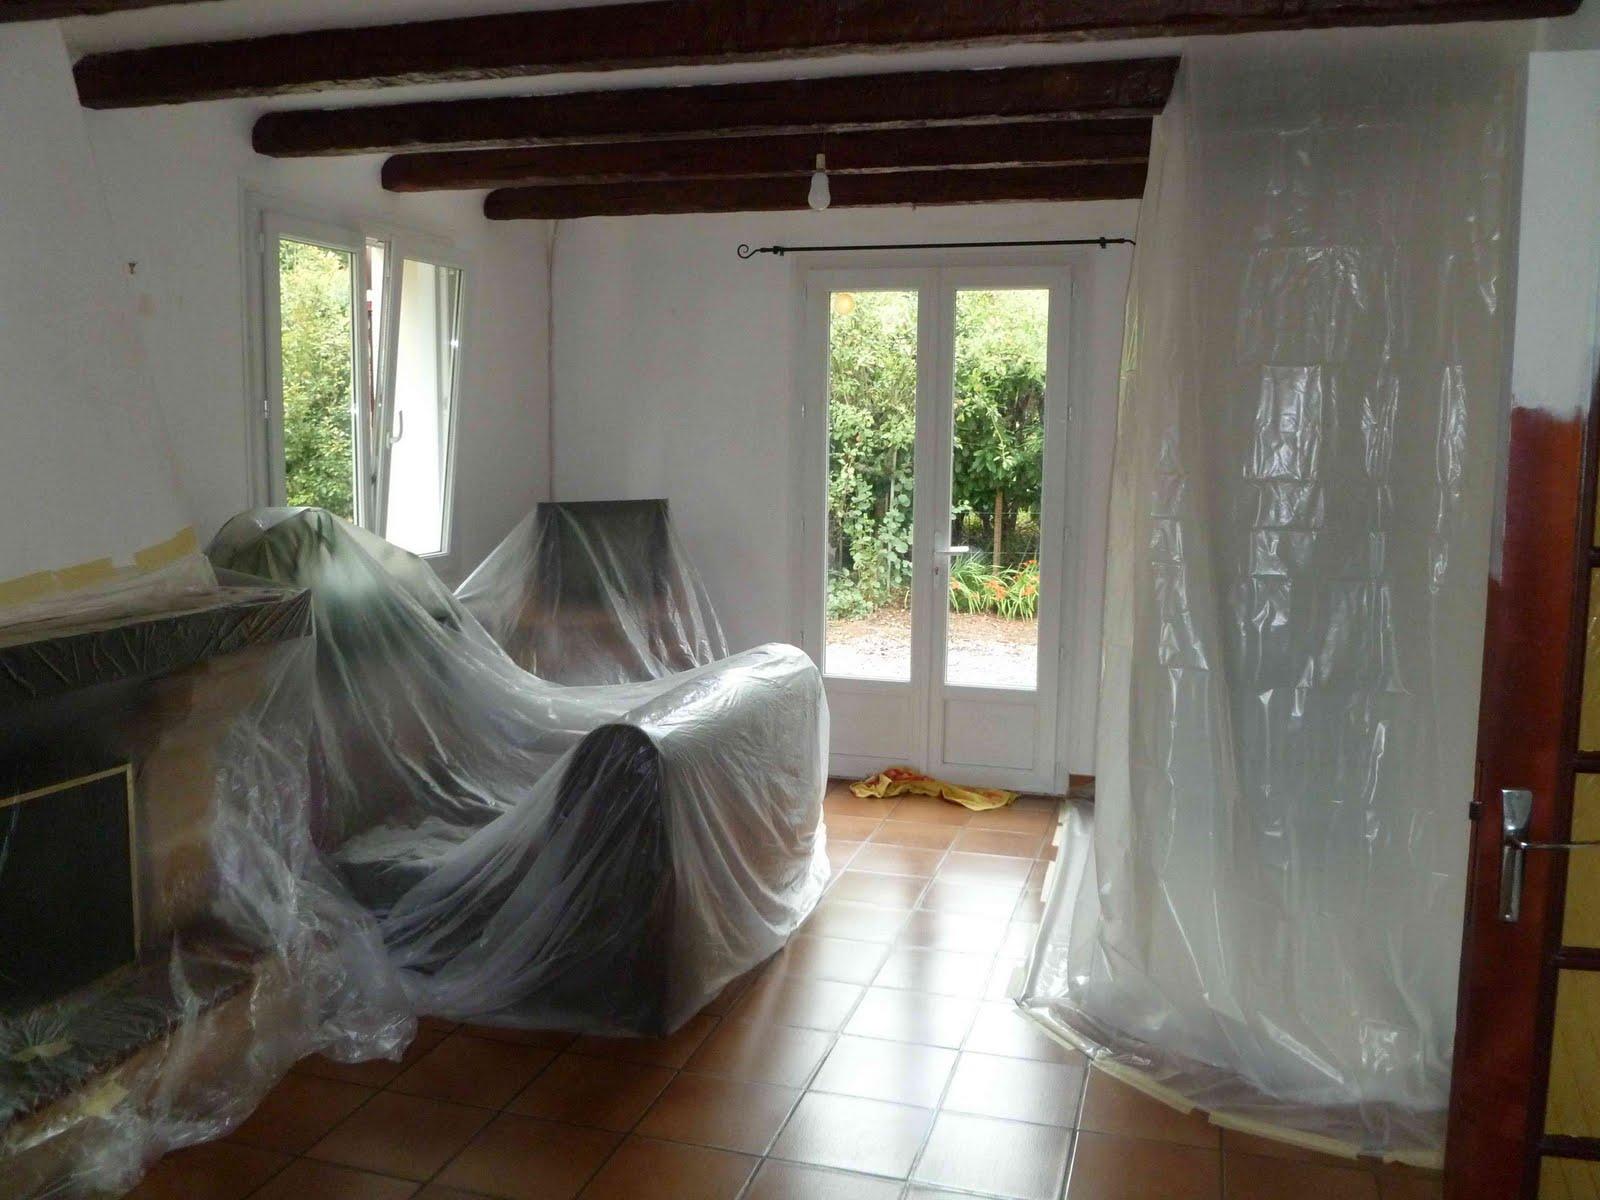 maman mana maison travaux chapitre 10 ou y 39 a un nuage de poussi re dans mon salon. Black Bedroom Furniture Sets. Home Design Ideas